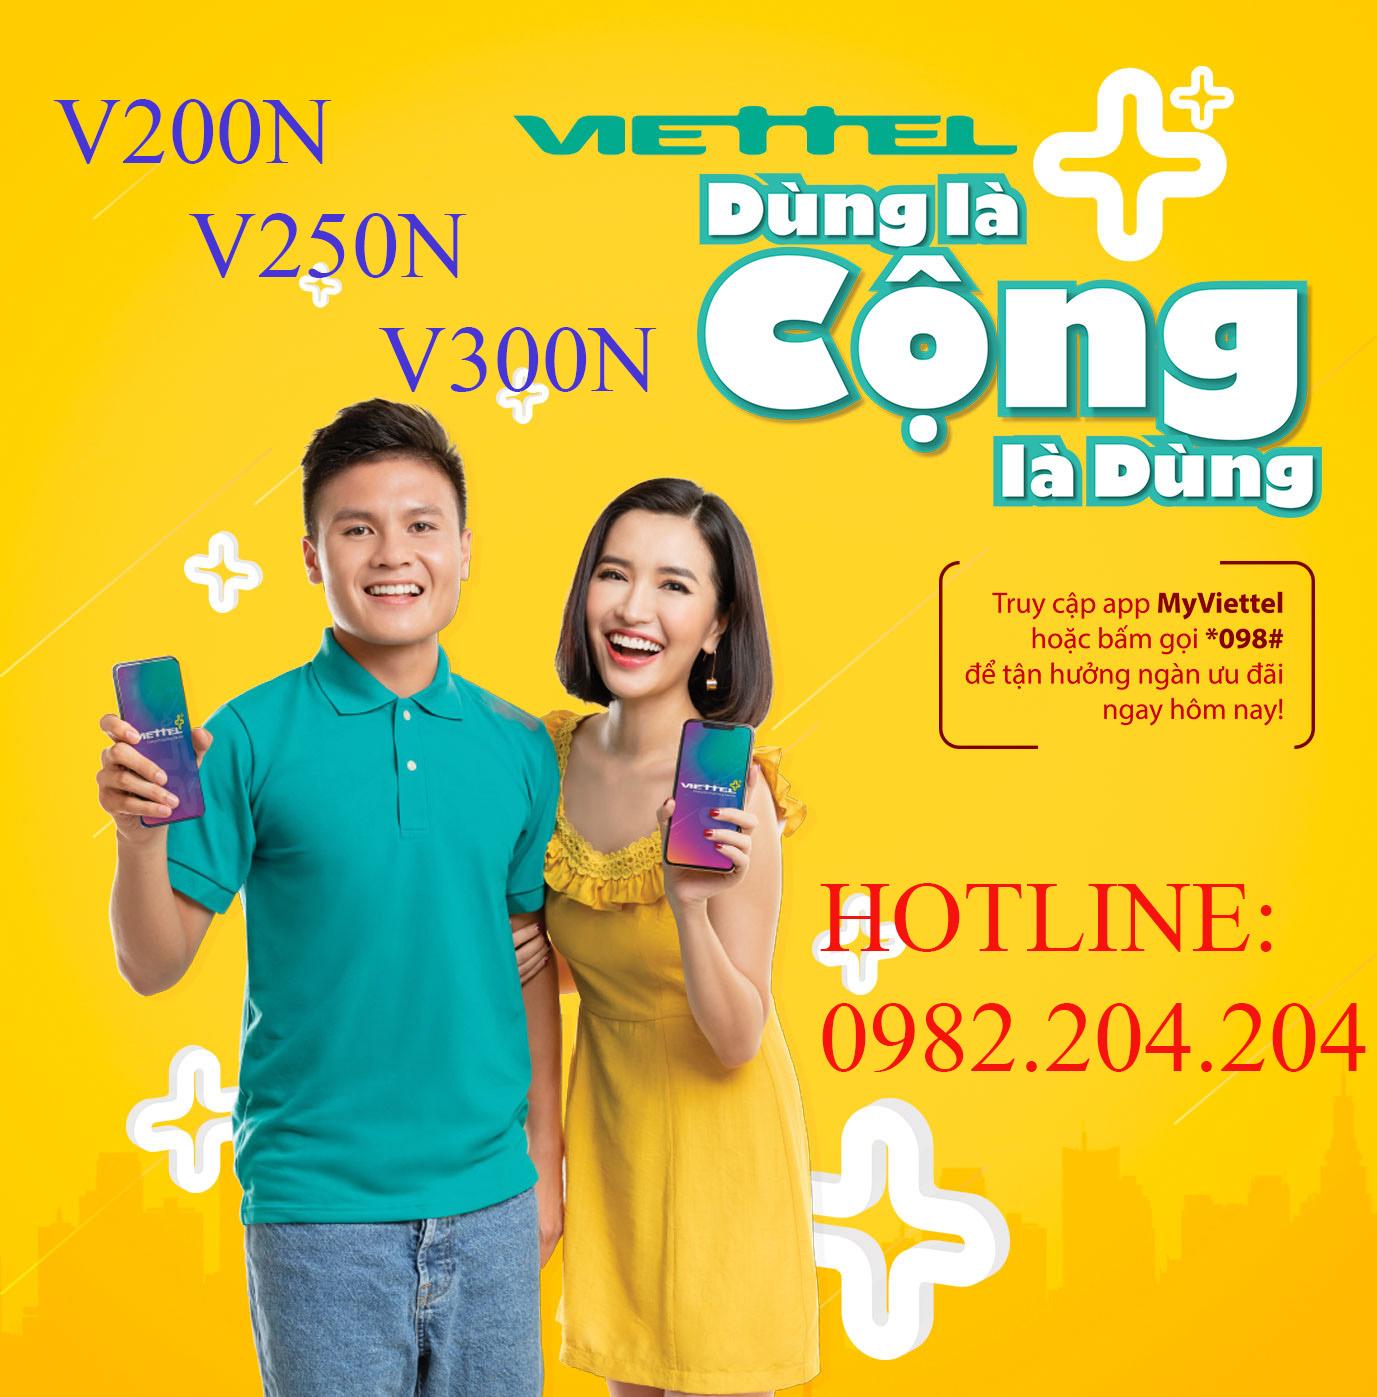 Các gói di động trả sau Viettel V200N V250N V300N